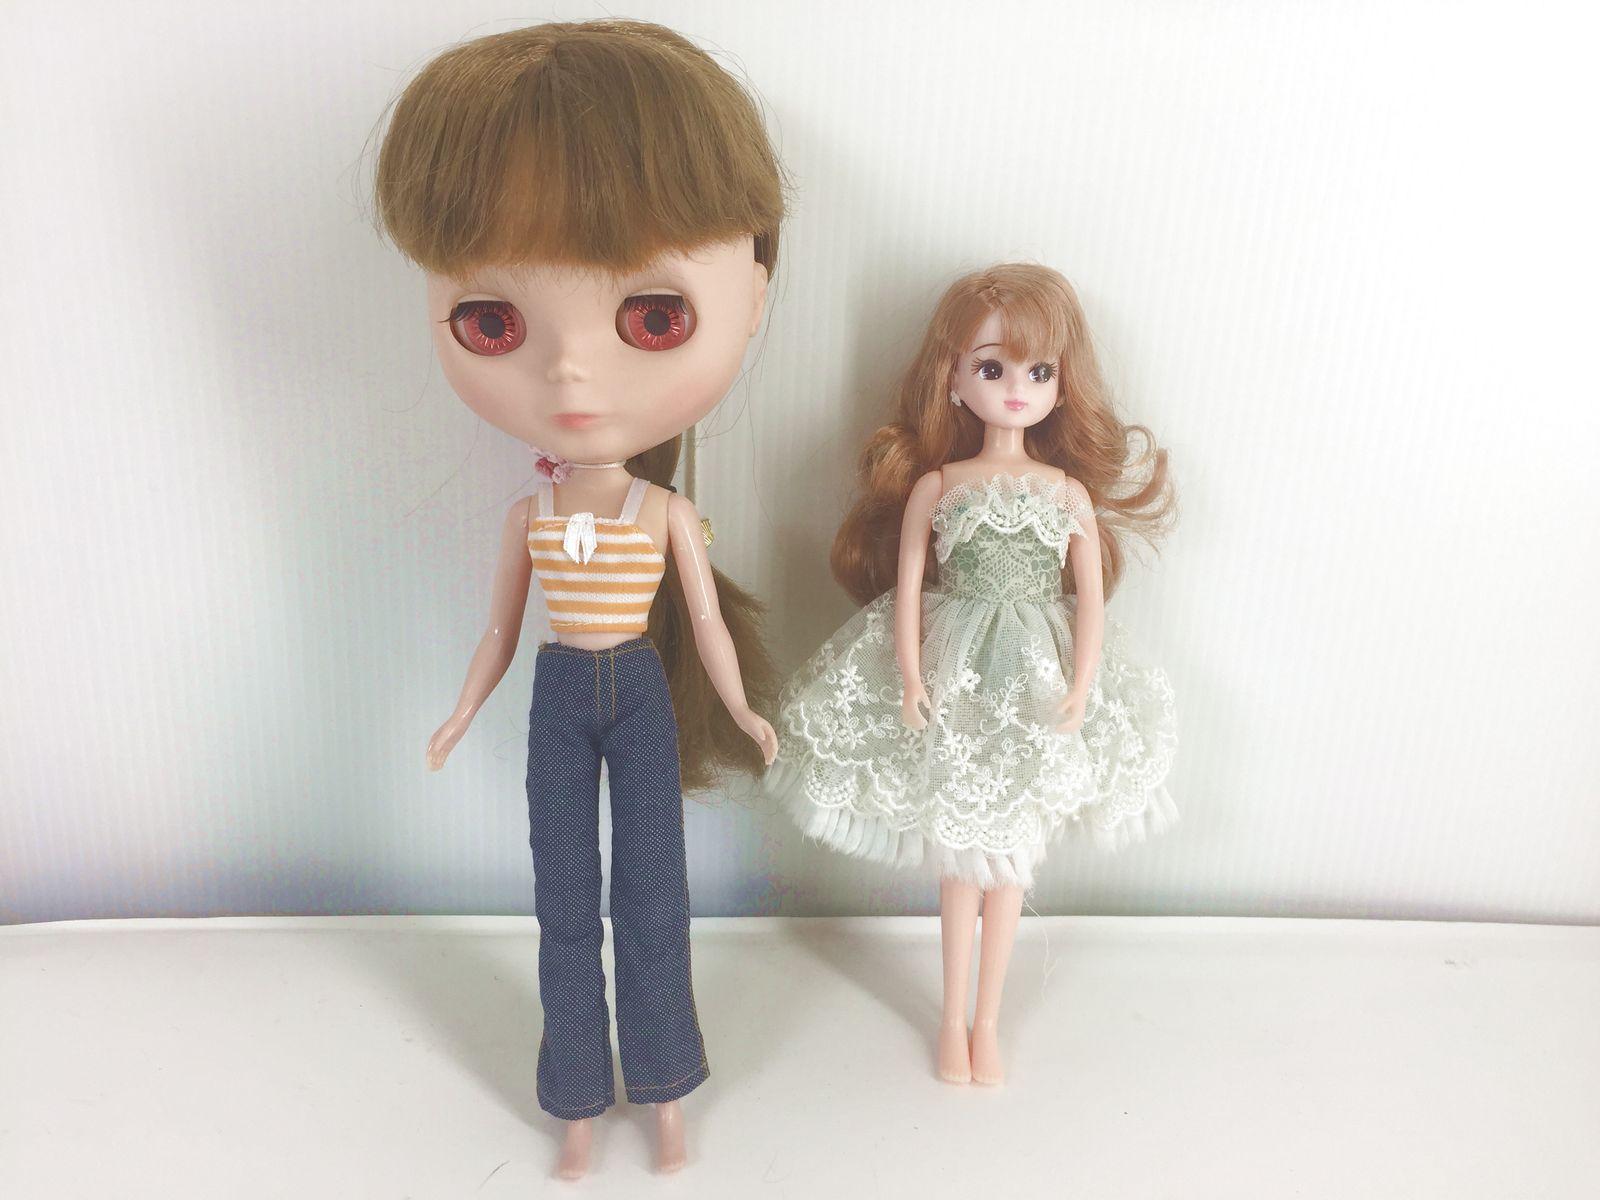 リカちゃんとブライスの服のサイズが同じって本当?